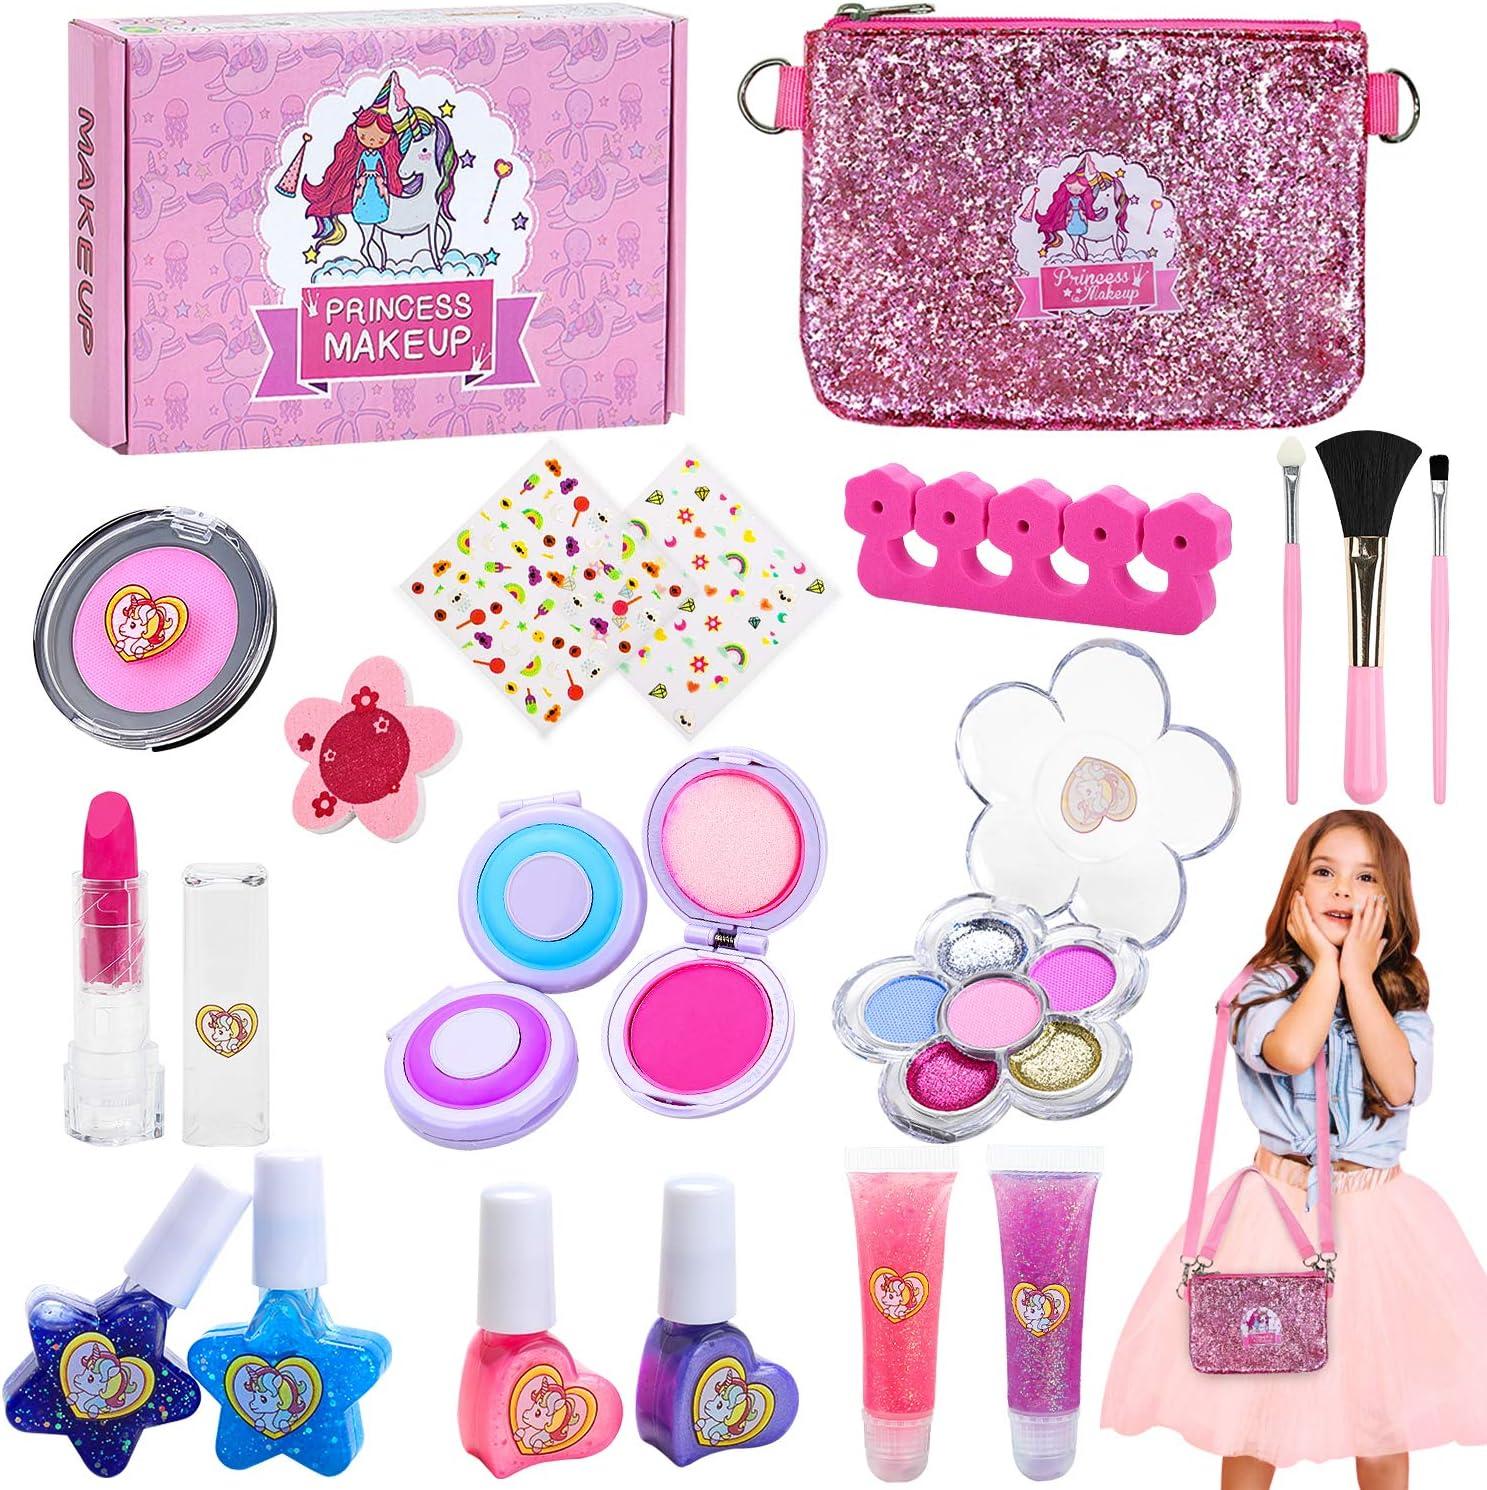 Jojoin Maquillaje Niñas Set, Maquillaje Infantil, Juguete de Maquillaje con Pinzas para El Cabello, Regalo de Princesas para Niñas Juguete para Los Niños en Fiesta